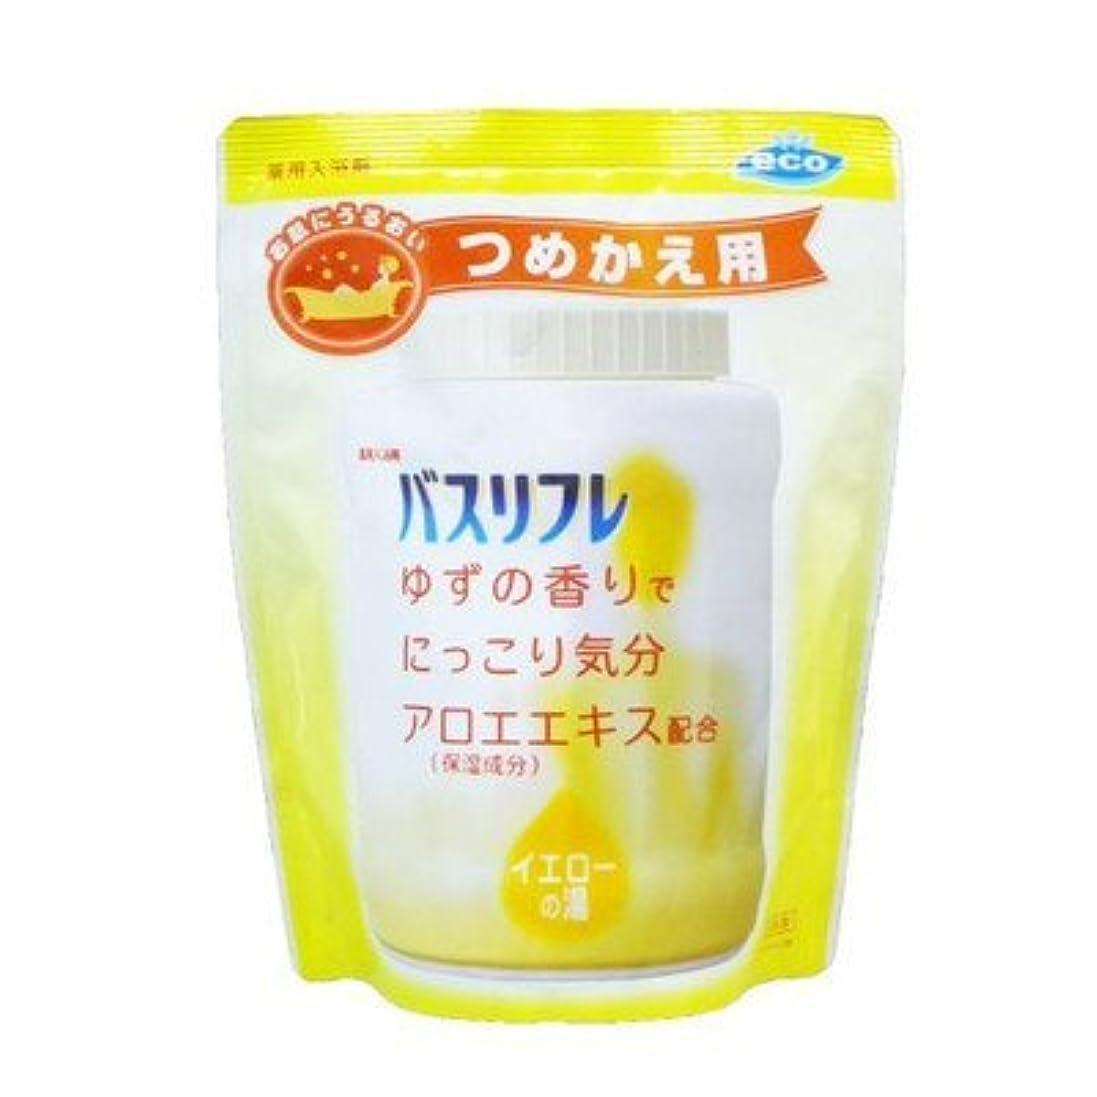 キモいケージ達成薬用入浴剤 バスリフレ イエローの湯 つめかえ用 540g ゆずの香り (ライオンケミカル) Japan